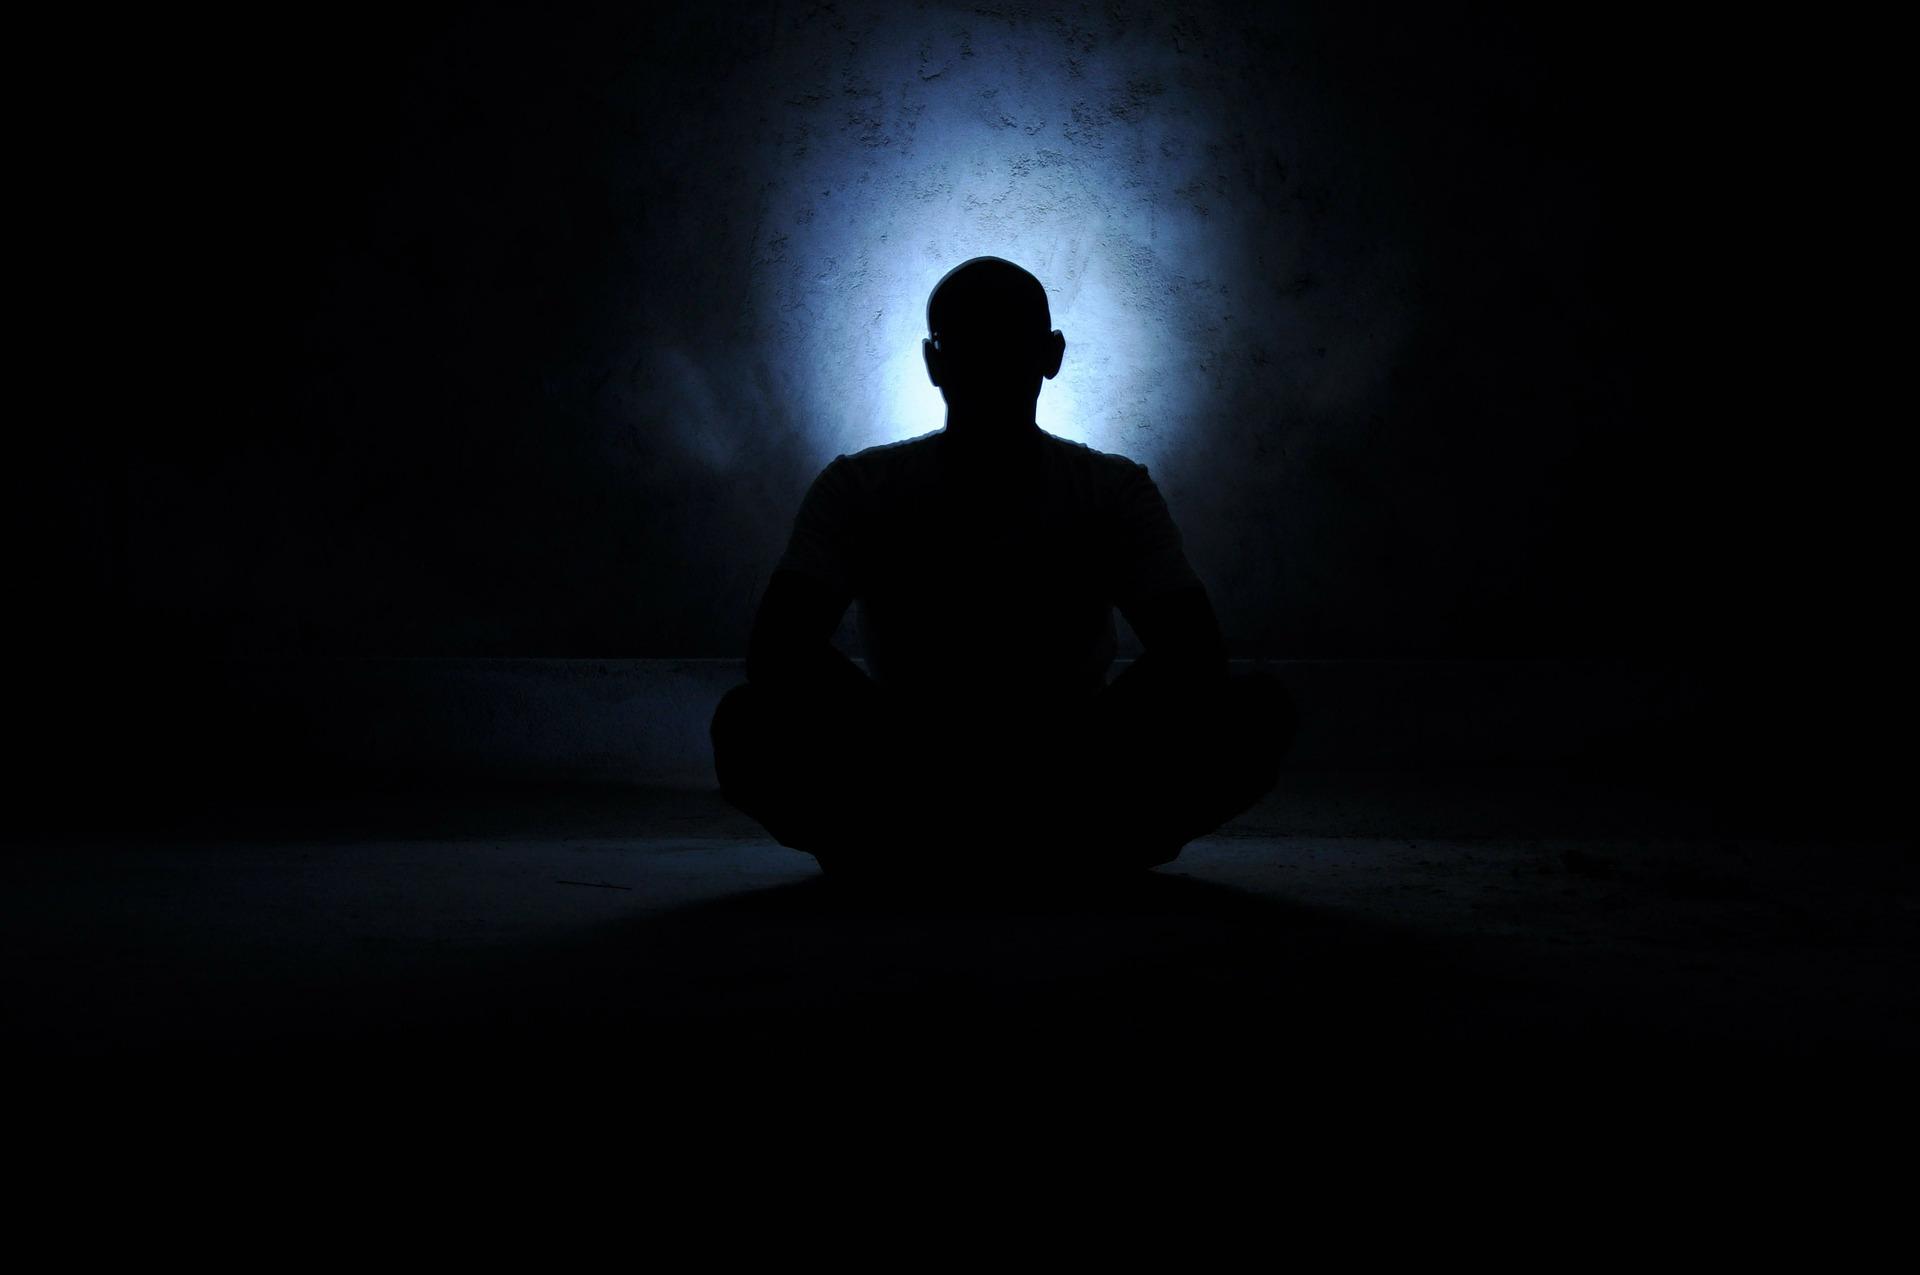 7 - Recita mantra, canti, preghiere o parole positive